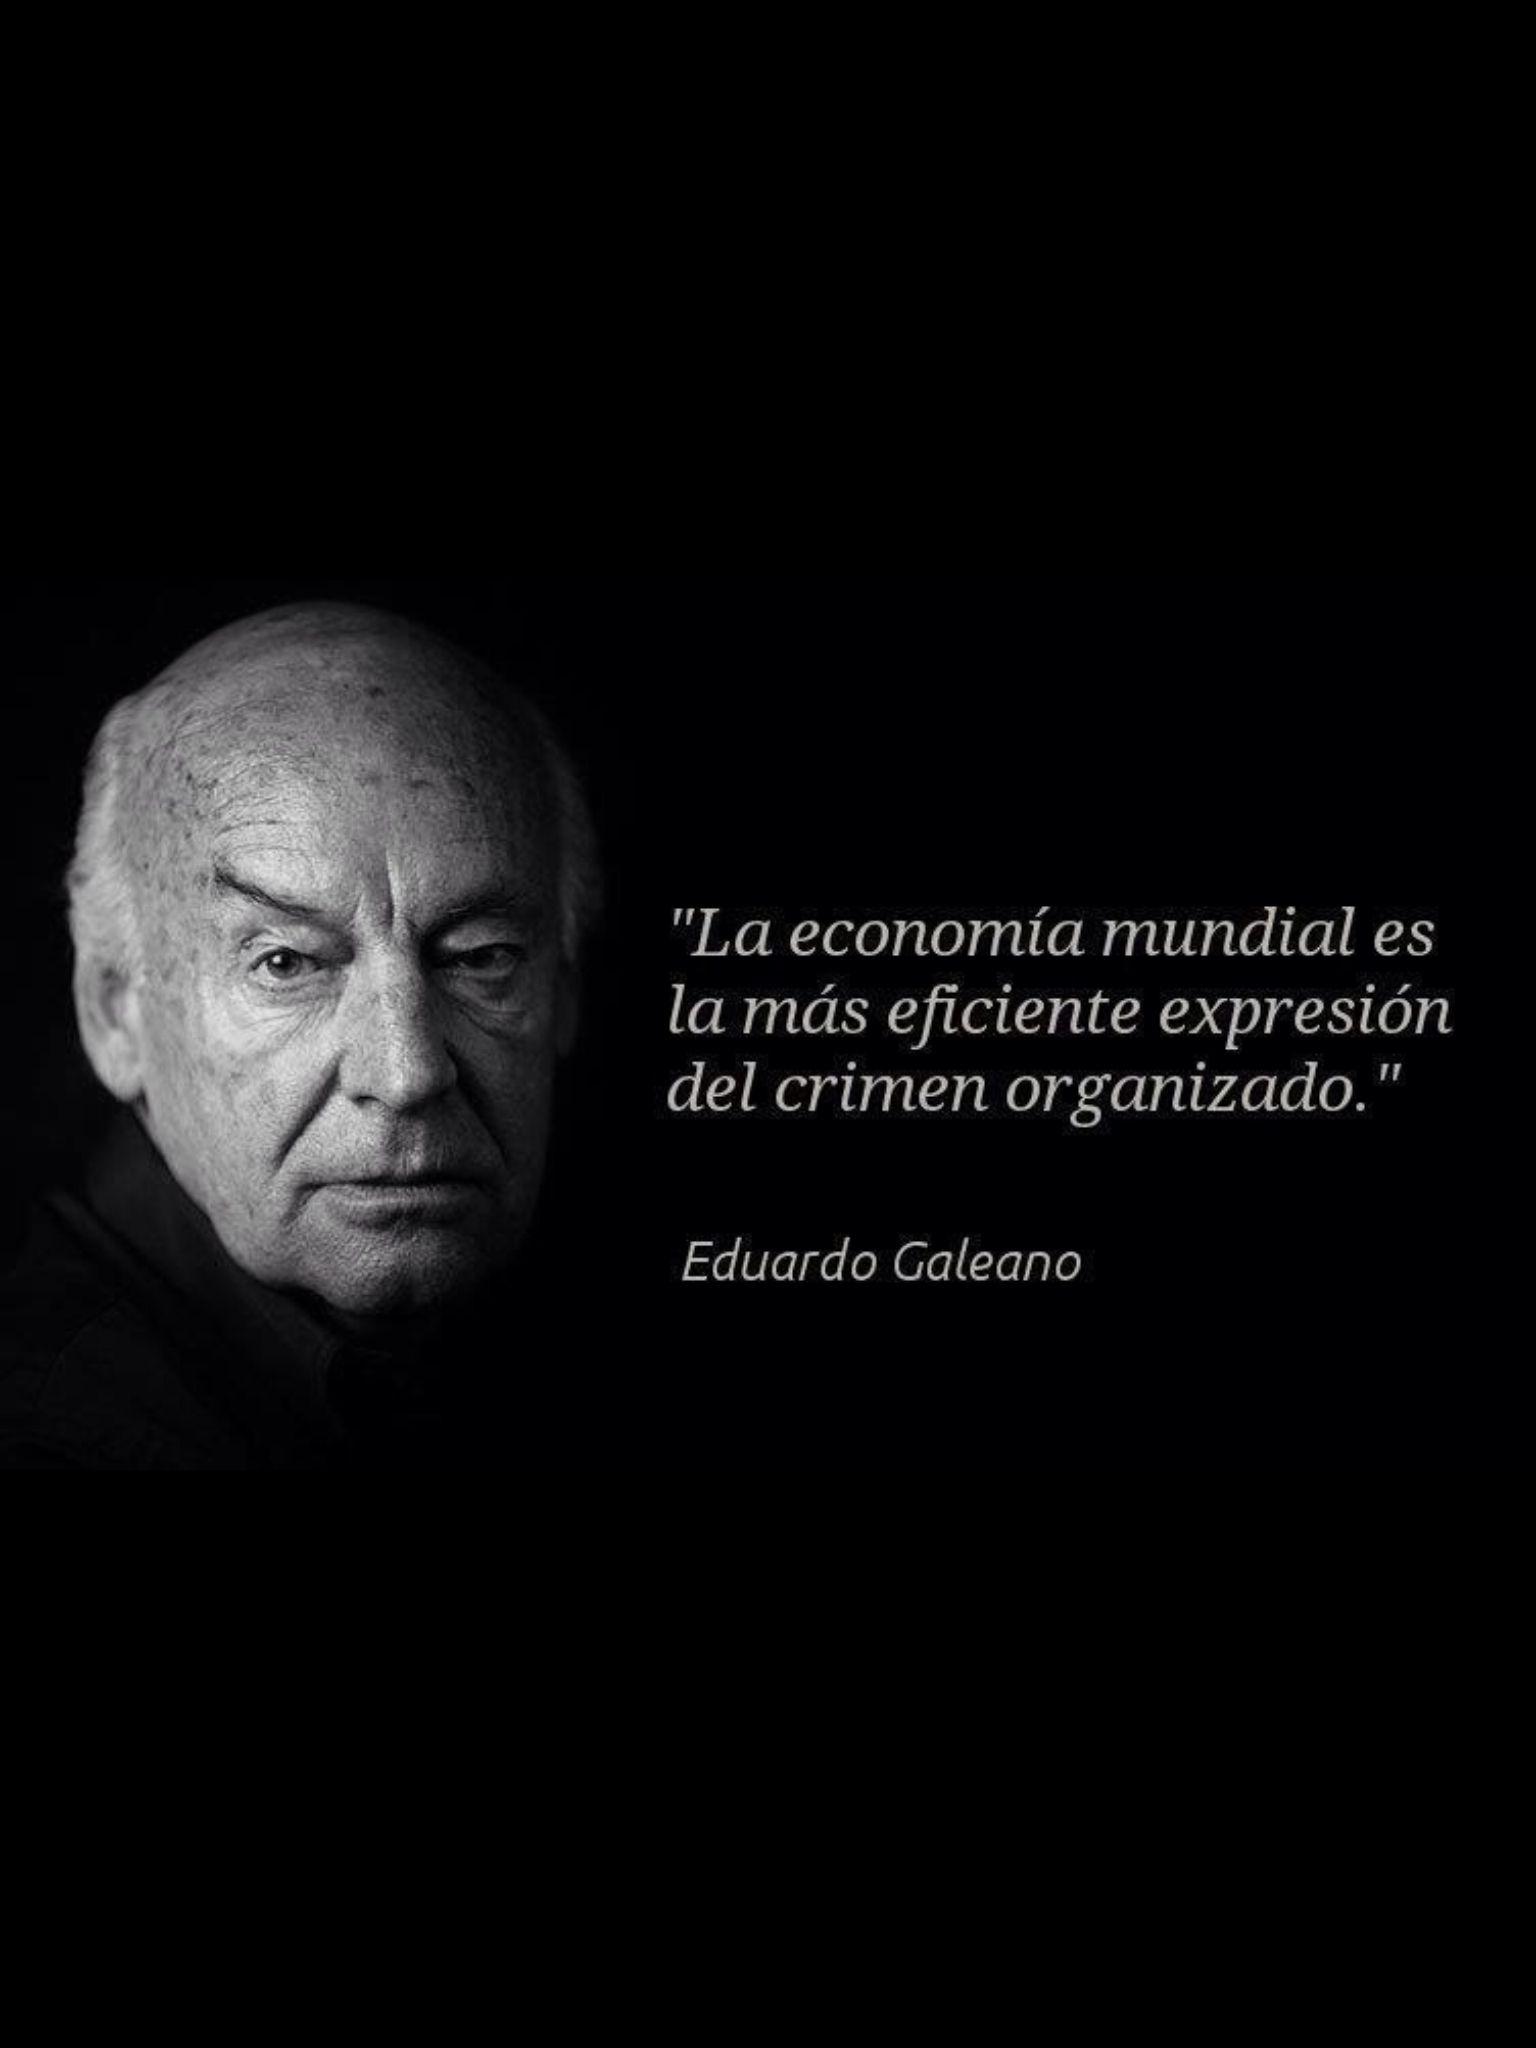 26 Ideas De Eduardo Galeano Citas Frases Frases Frases Bonitas